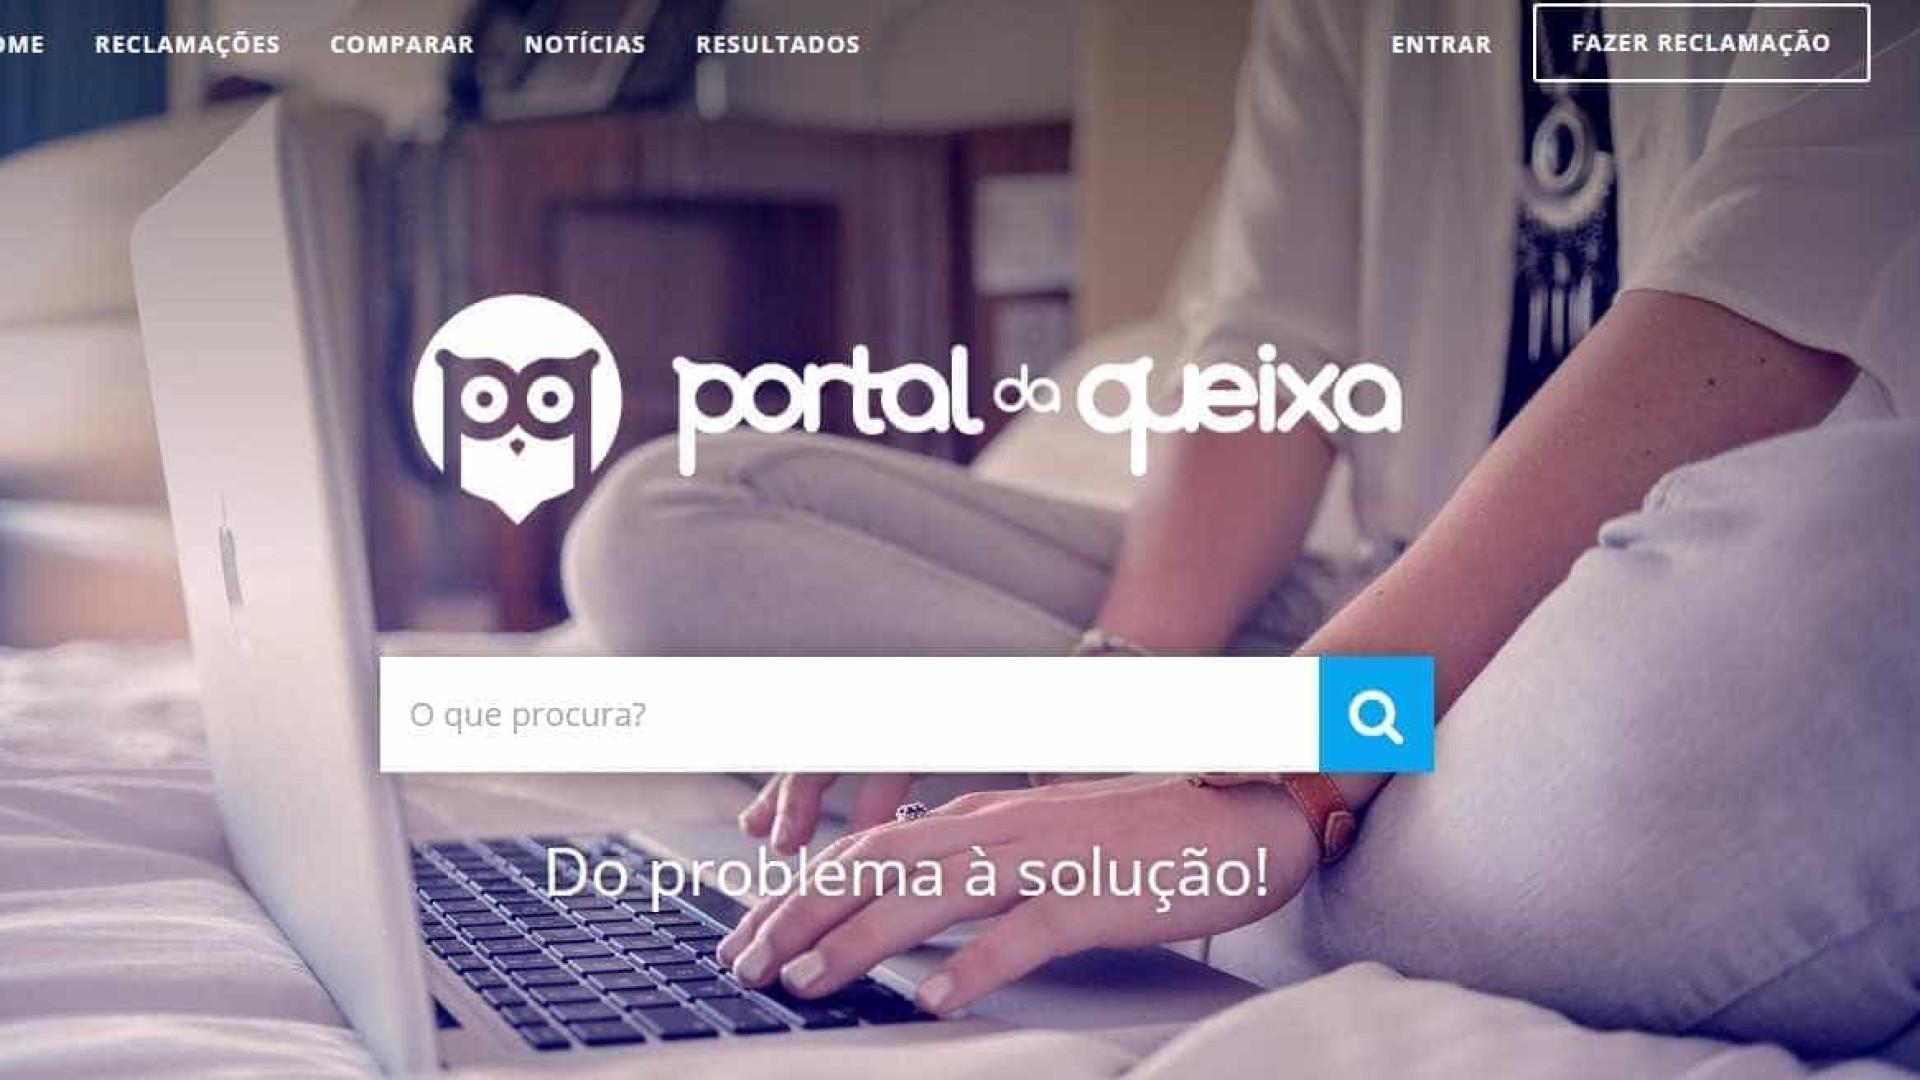 Reclamações registadas no Portal da Queixa disparam no 1.º trimestre